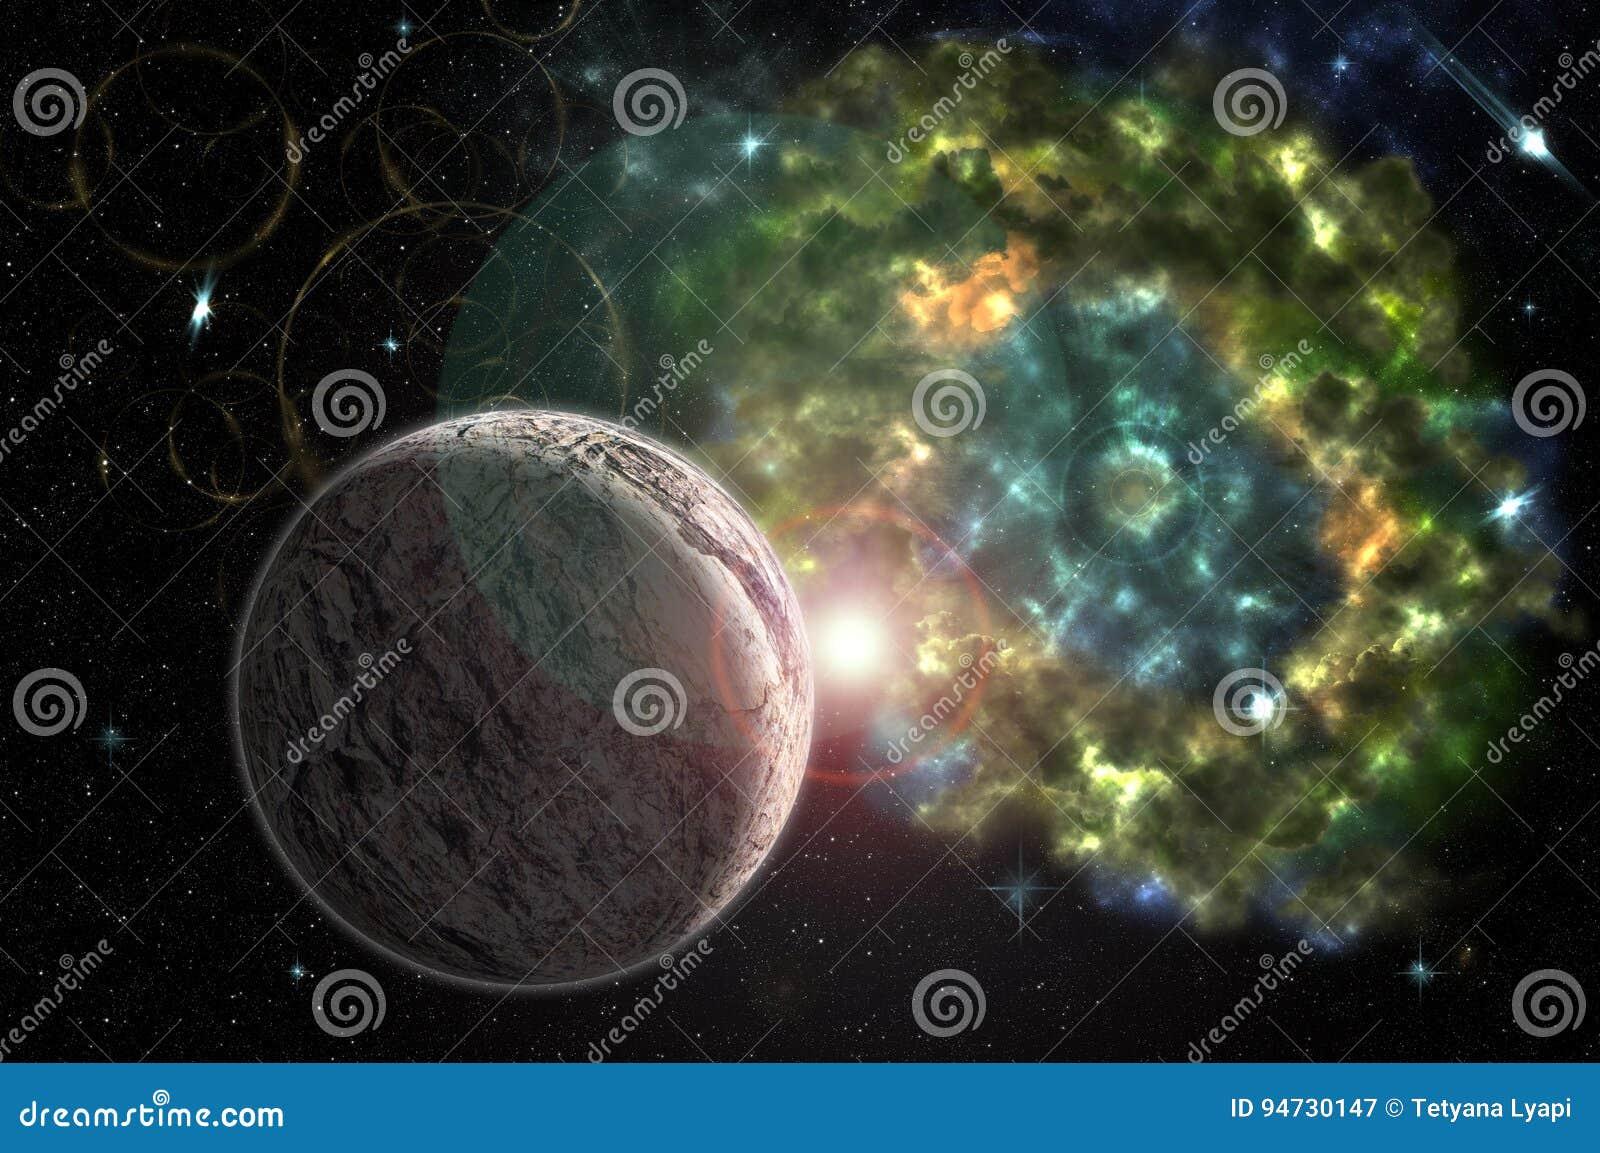 Astrazione, fondo cosmico e colourful per i materiali illustrativi di progettazione